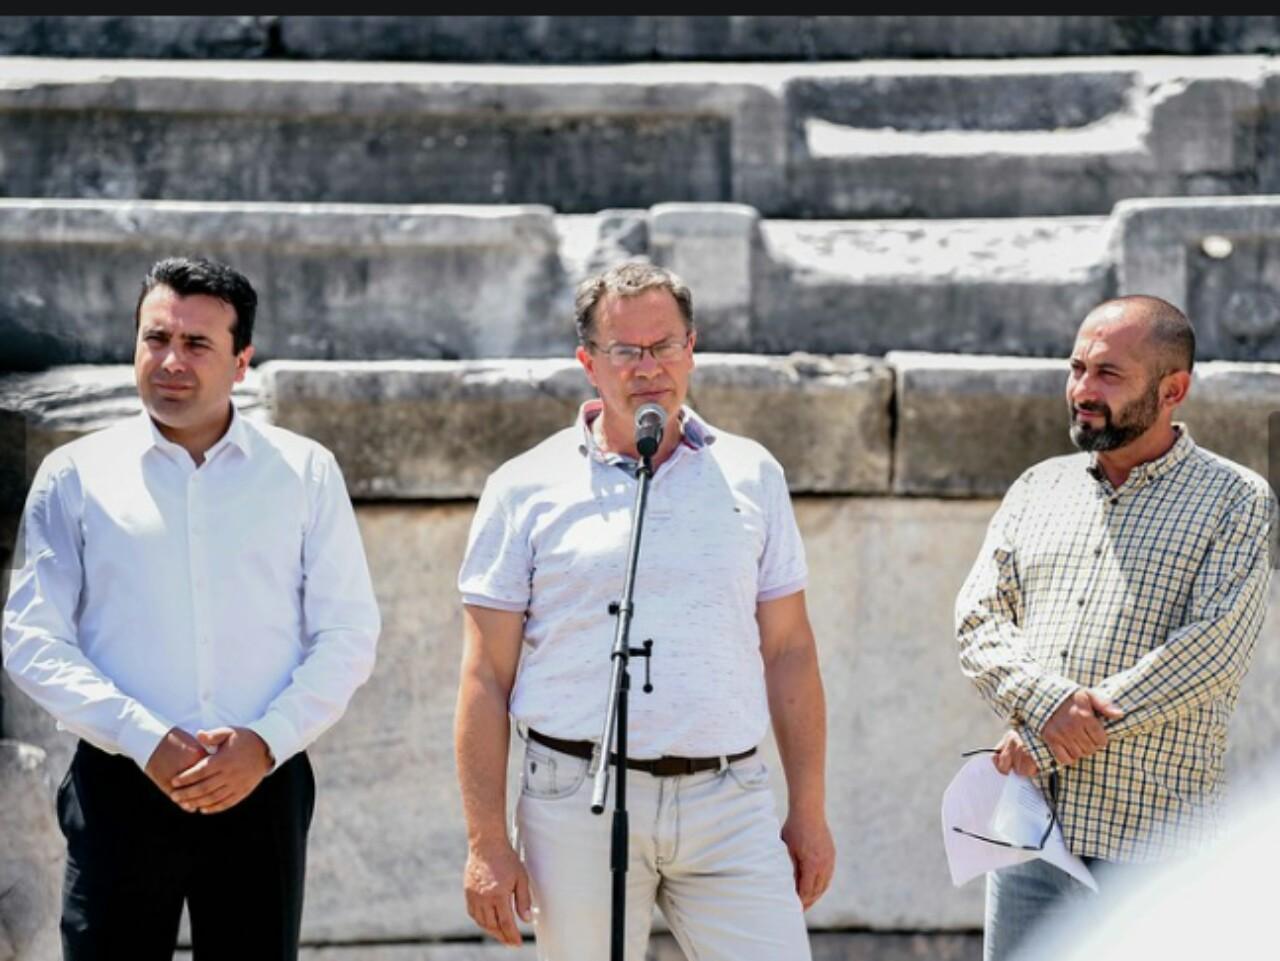 Kryeministri Zaev dhe ministri Ismaili për vizitë në IN Lokaliteti Arkeologjik  Stobi